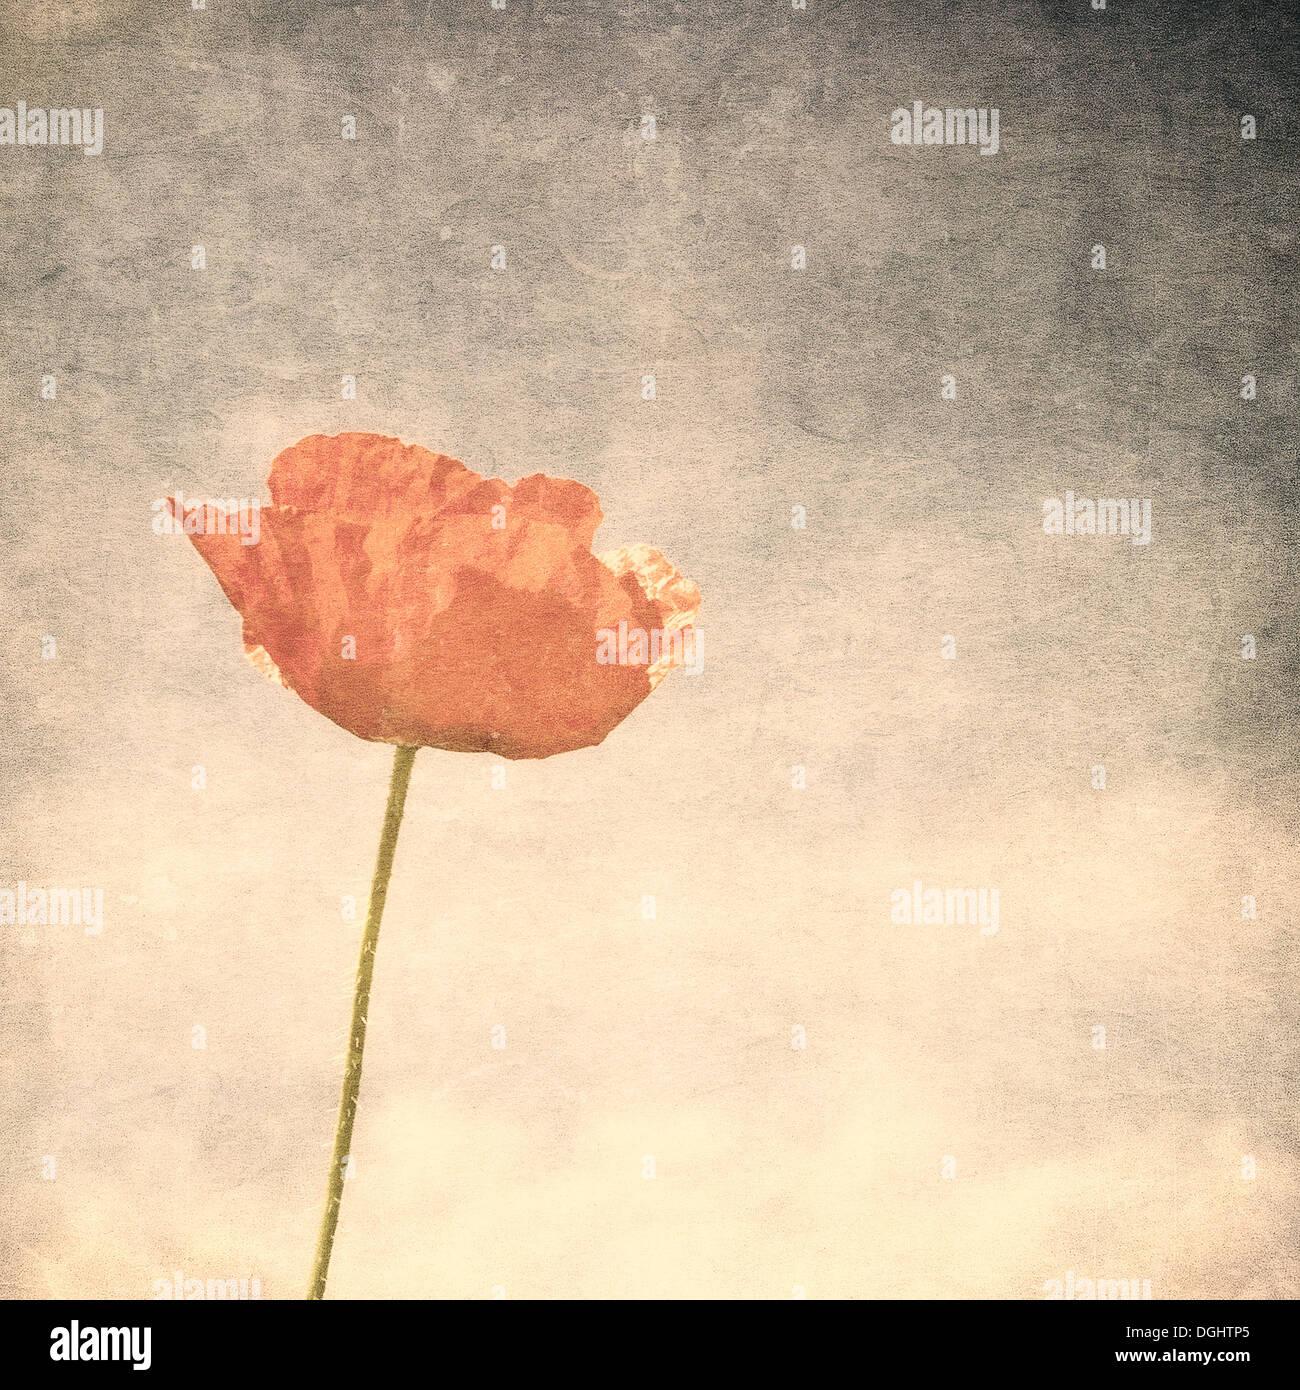 Immagine vintage di semi di papavero Immagini Stock